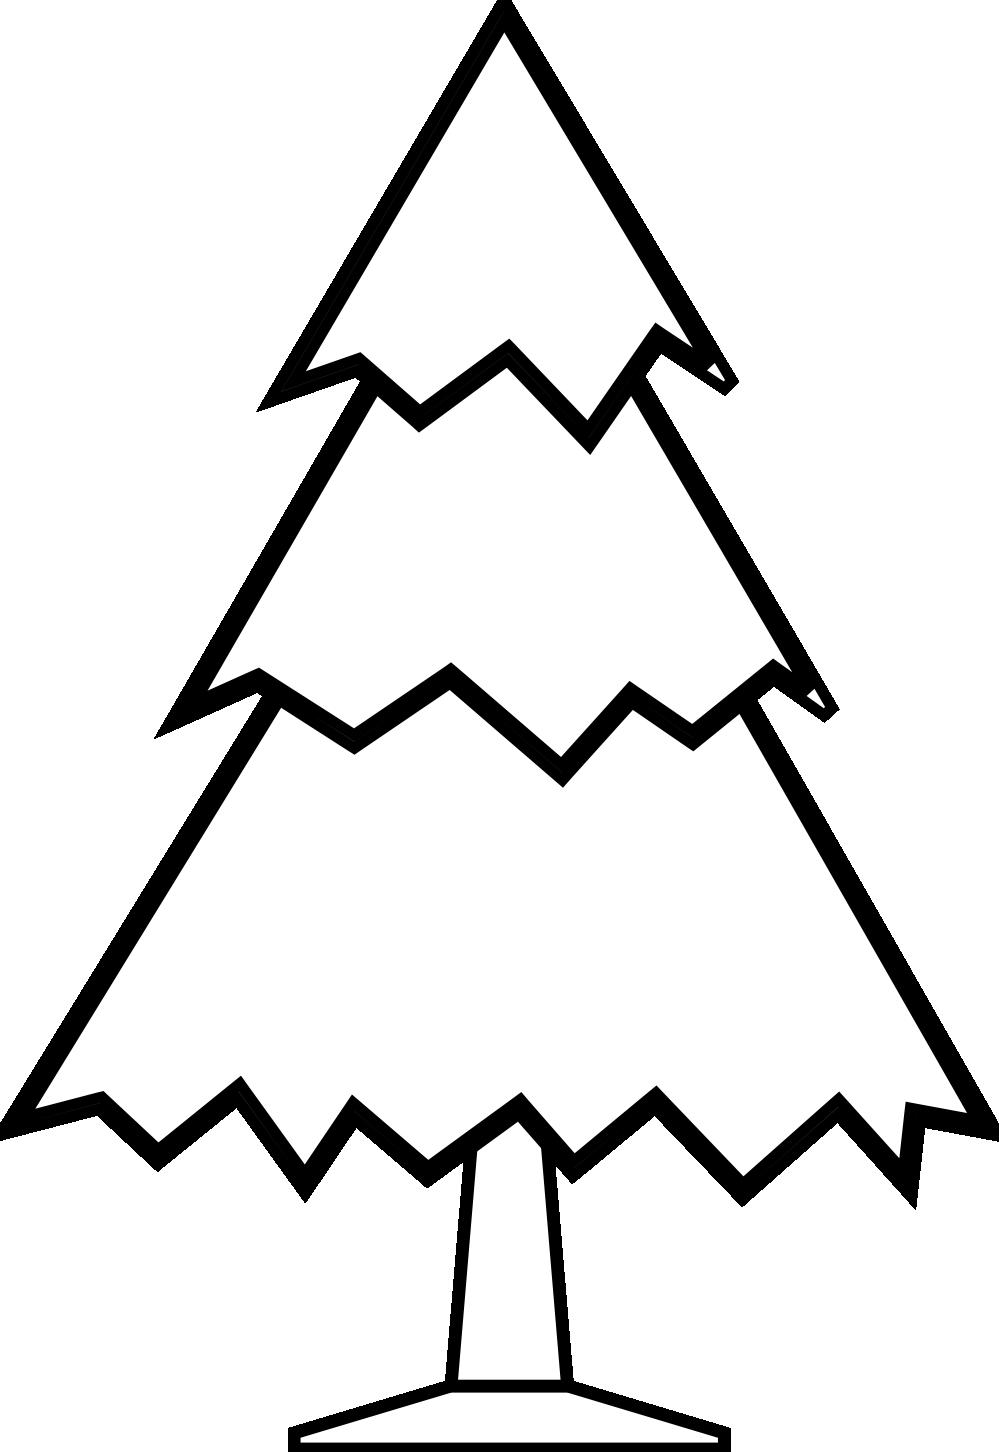 christmas front door clipart. Front%20door%20clipart%20black%20and%20white Christmas Front Door Clipart